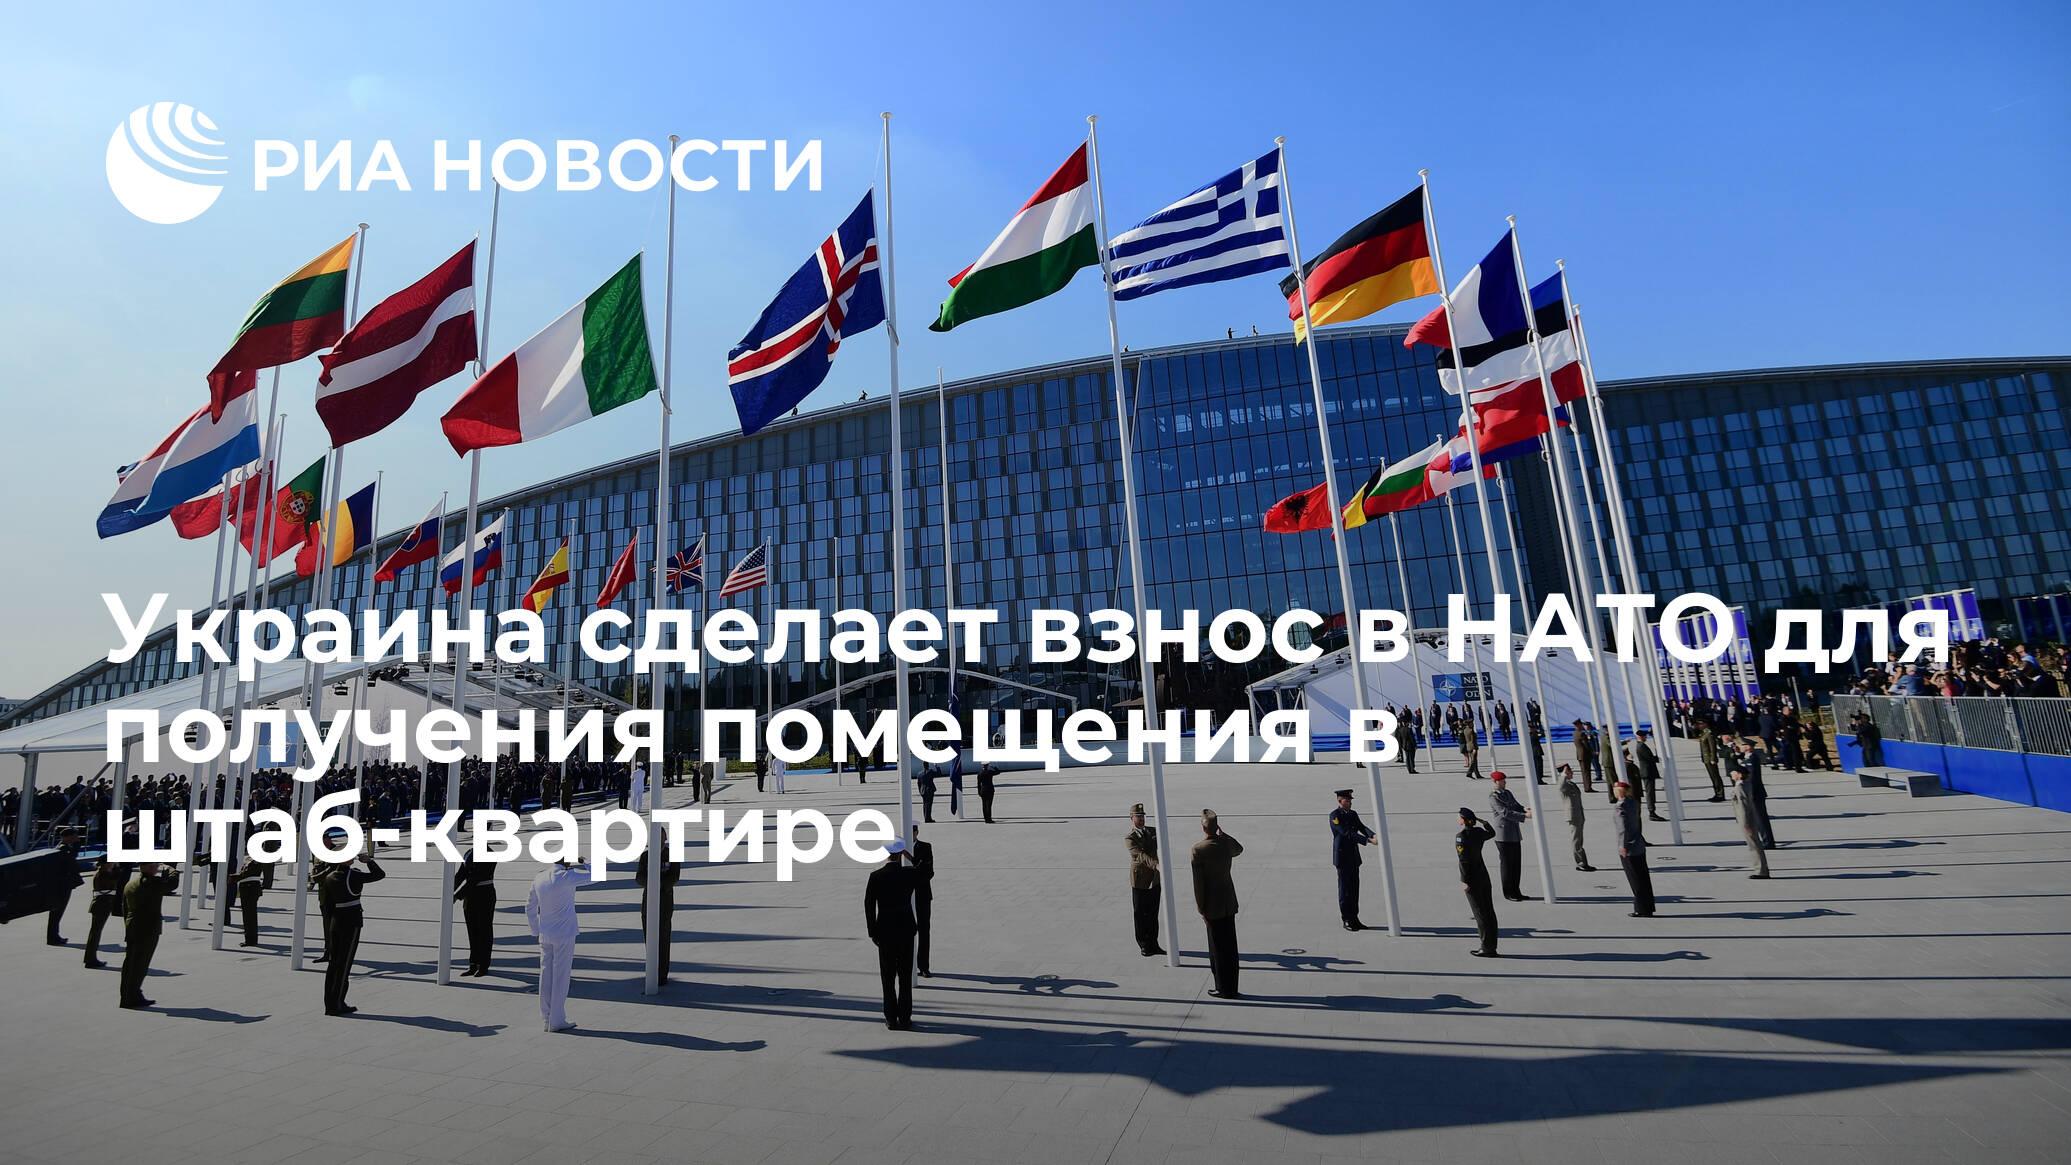 Украина сделает взнос в НАТО для получения помещения в штаб-квартире